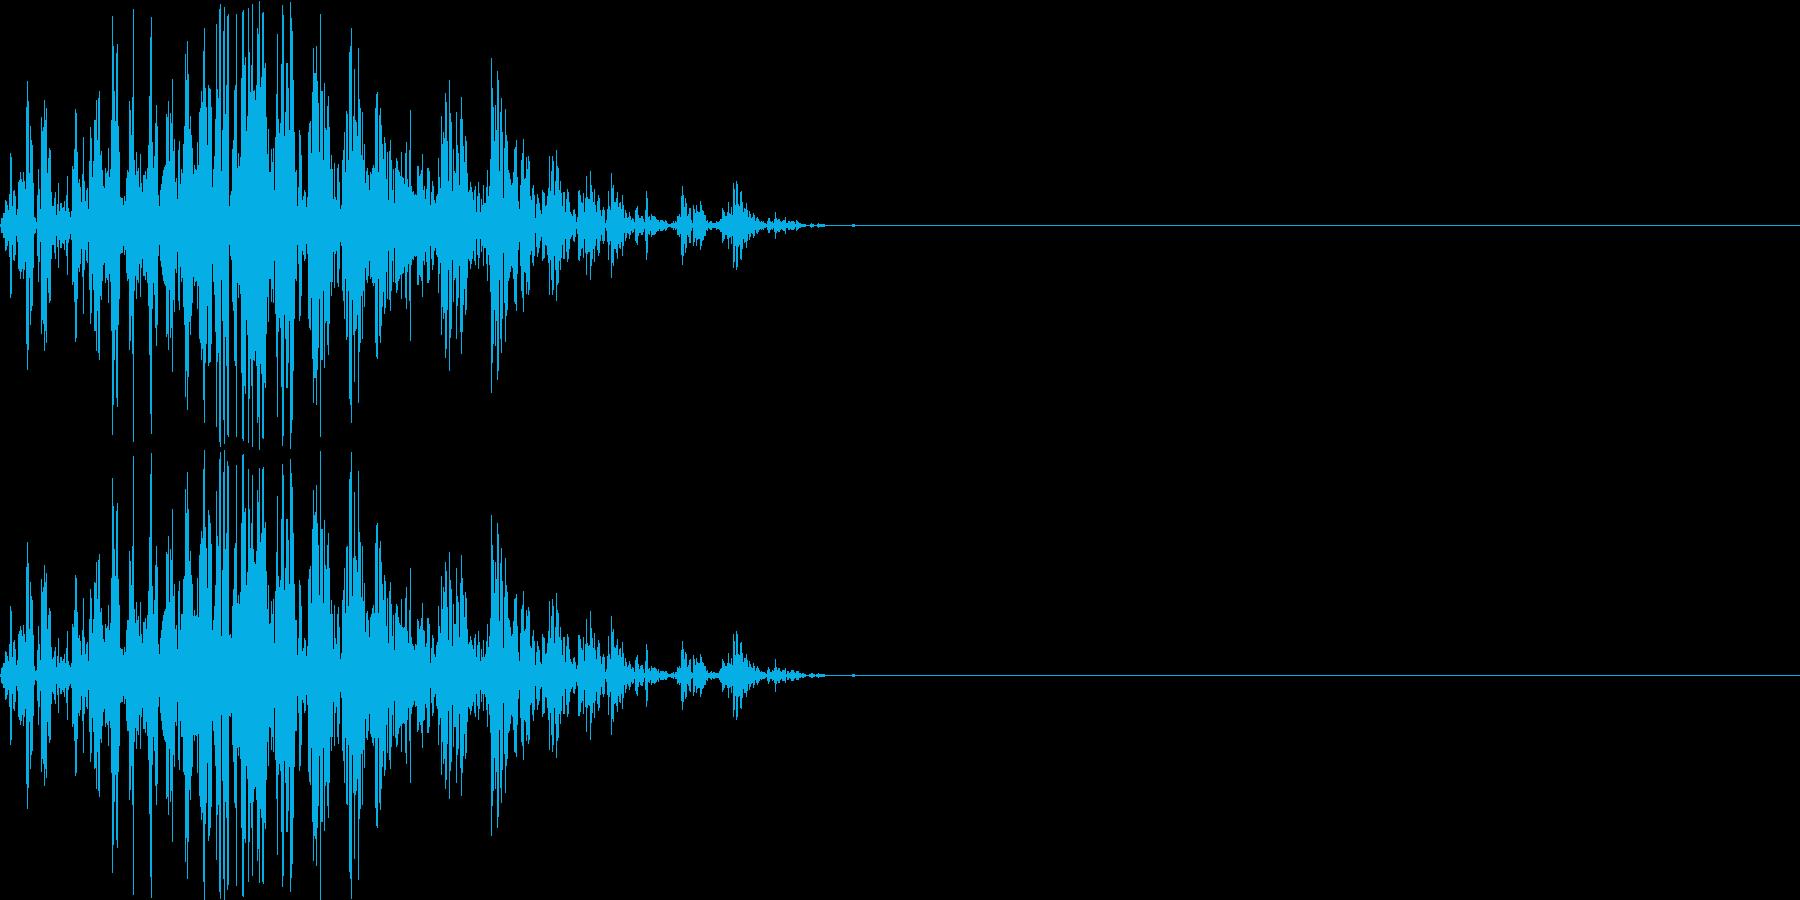 【ガスッ!】ファミコン系 破壊音_04の再生済みの波形